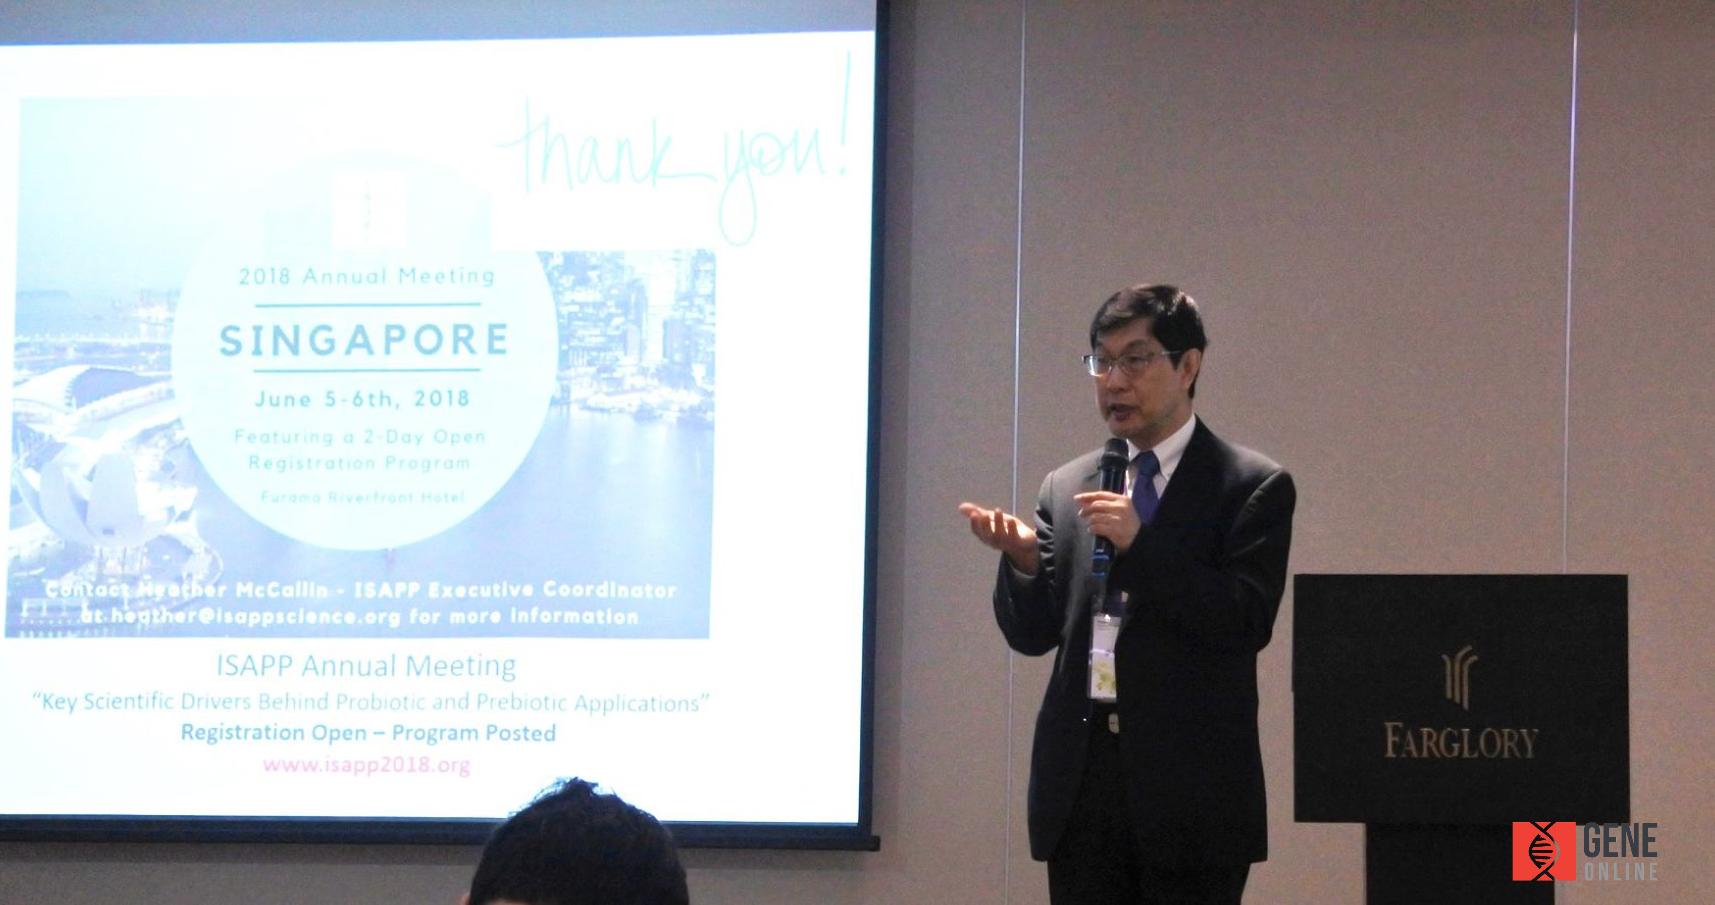 新加坡國立大學醫學院 李元昆教授